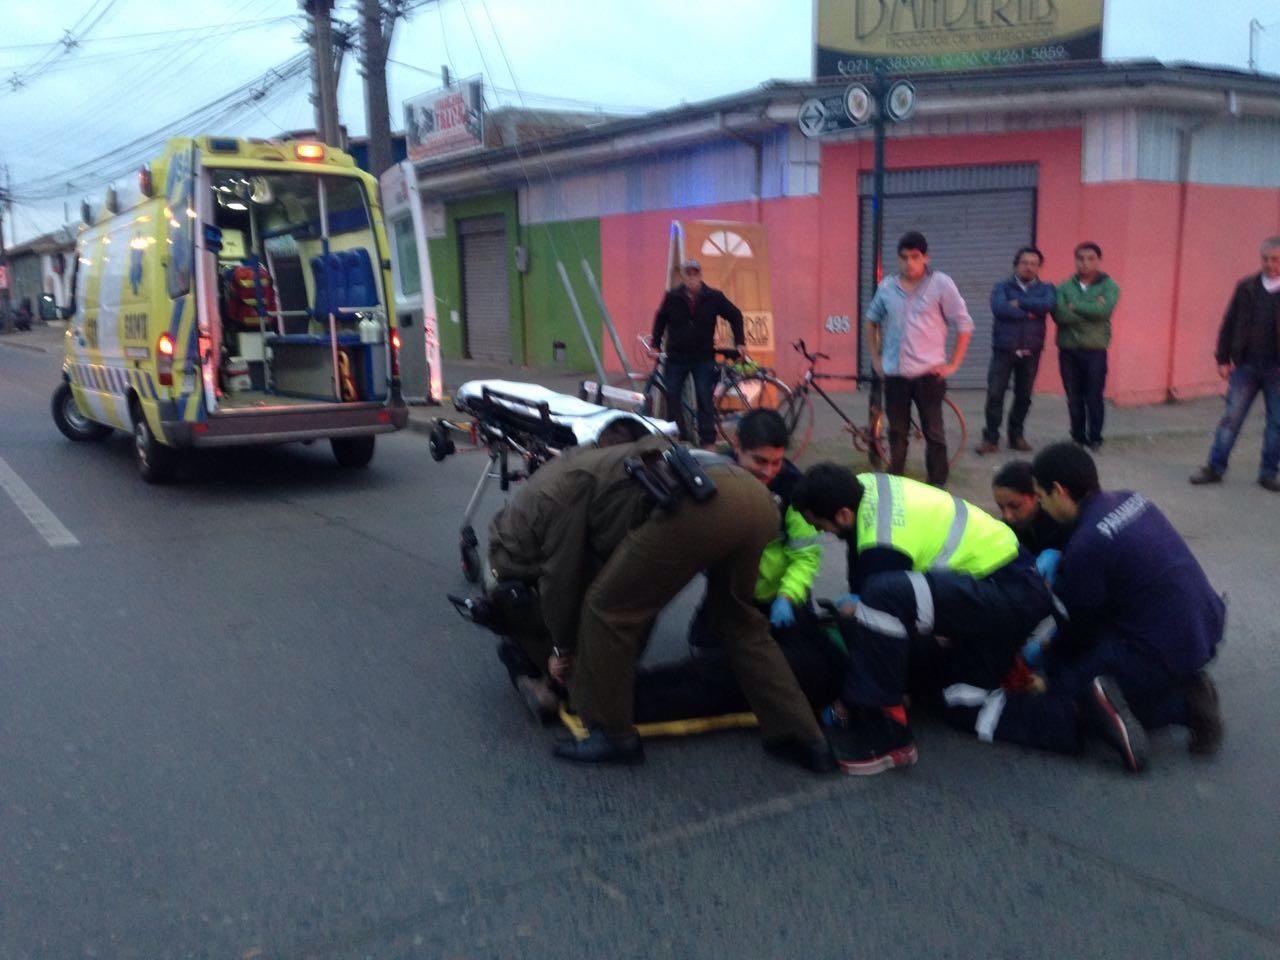 Ciclista gravemente herido al ser colisionado en sector céntrico de Talca